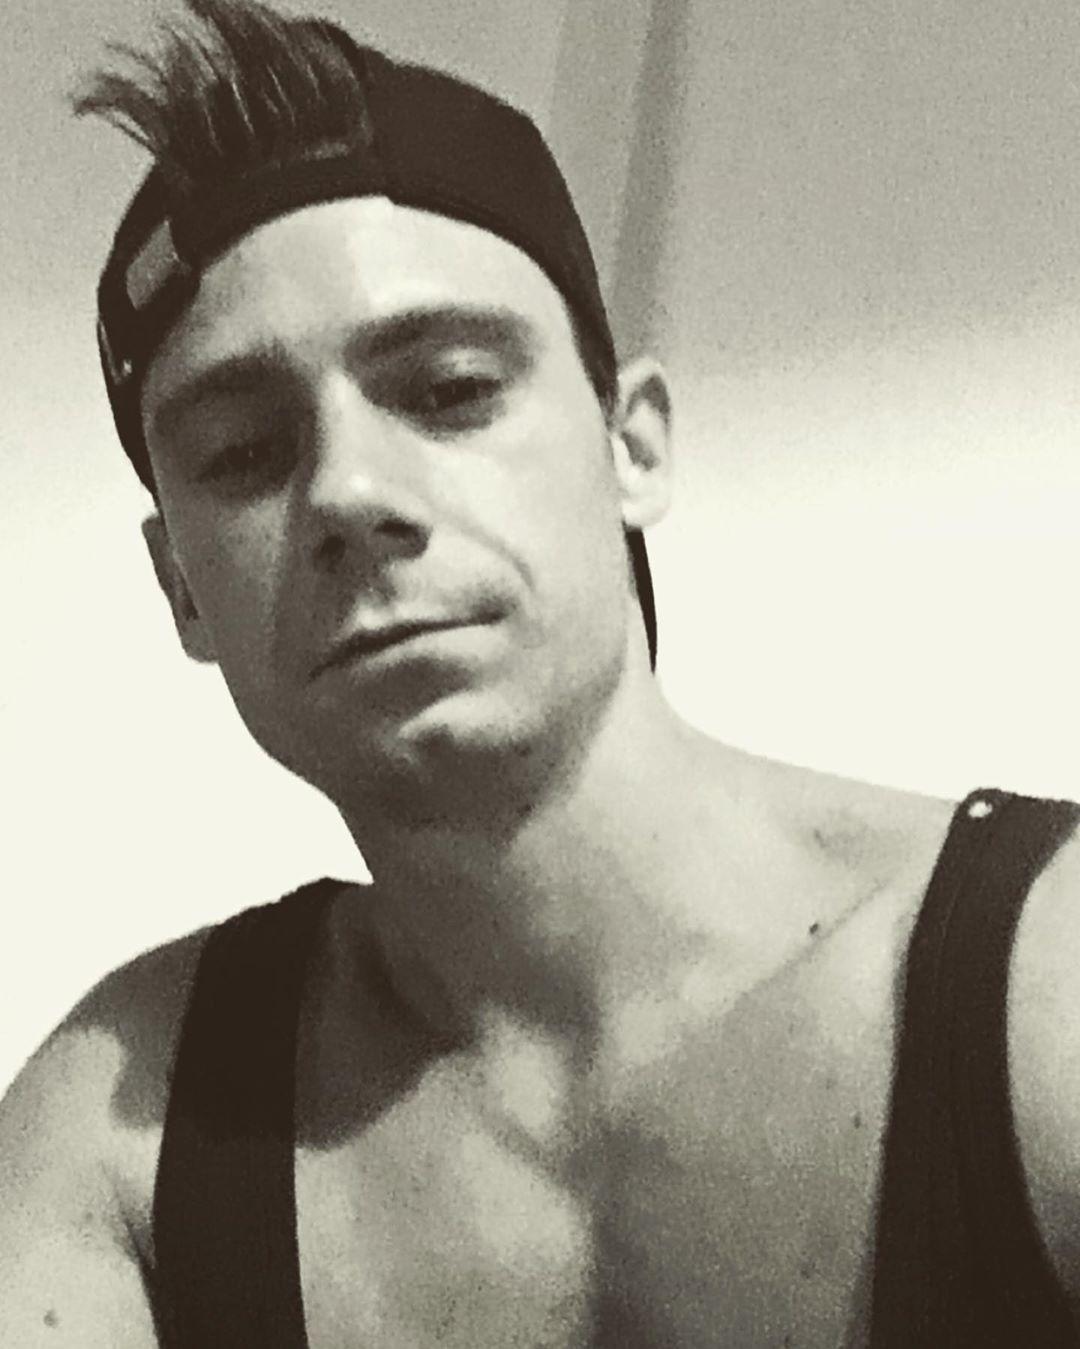 Black and white selfie .. 👻👻 because i can 😏👌🏻 #selfie #selfies #selfiee #blackandwhite #shredded #s...